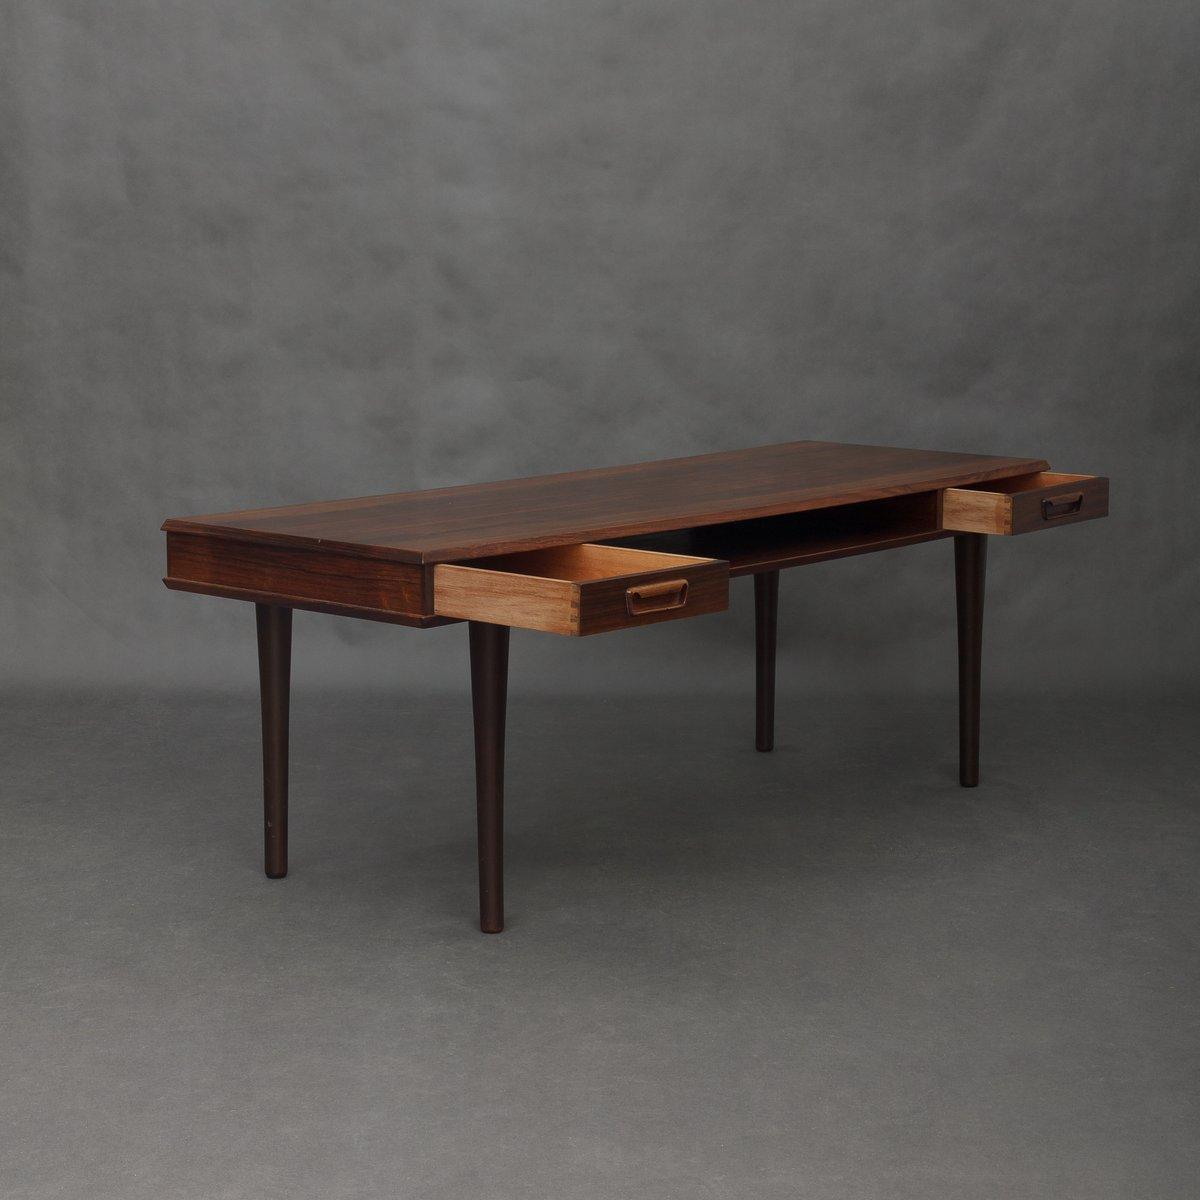 D nischer palisander tisch mit zwei schubladen 1960er bei for Palisander tisch